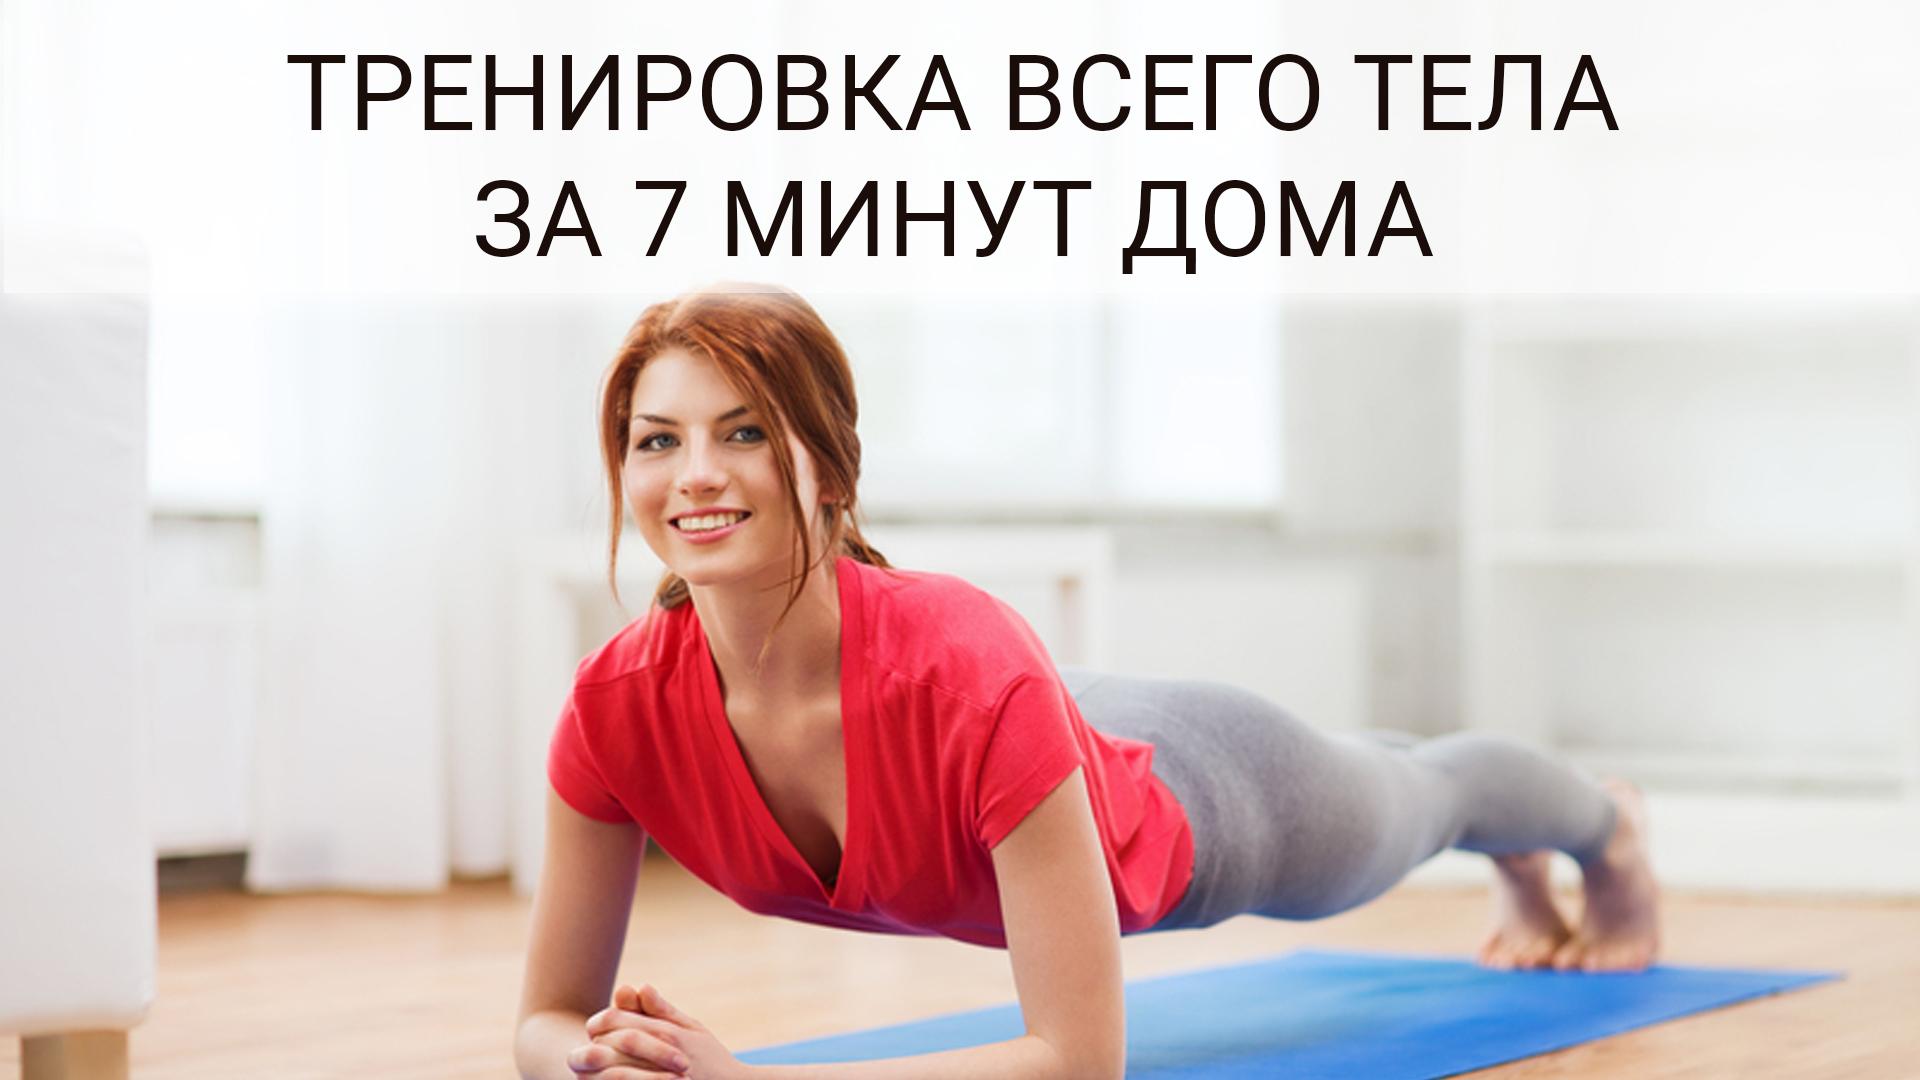 Комплекс упражнений на всю группу мышщ всего за 7 минут!